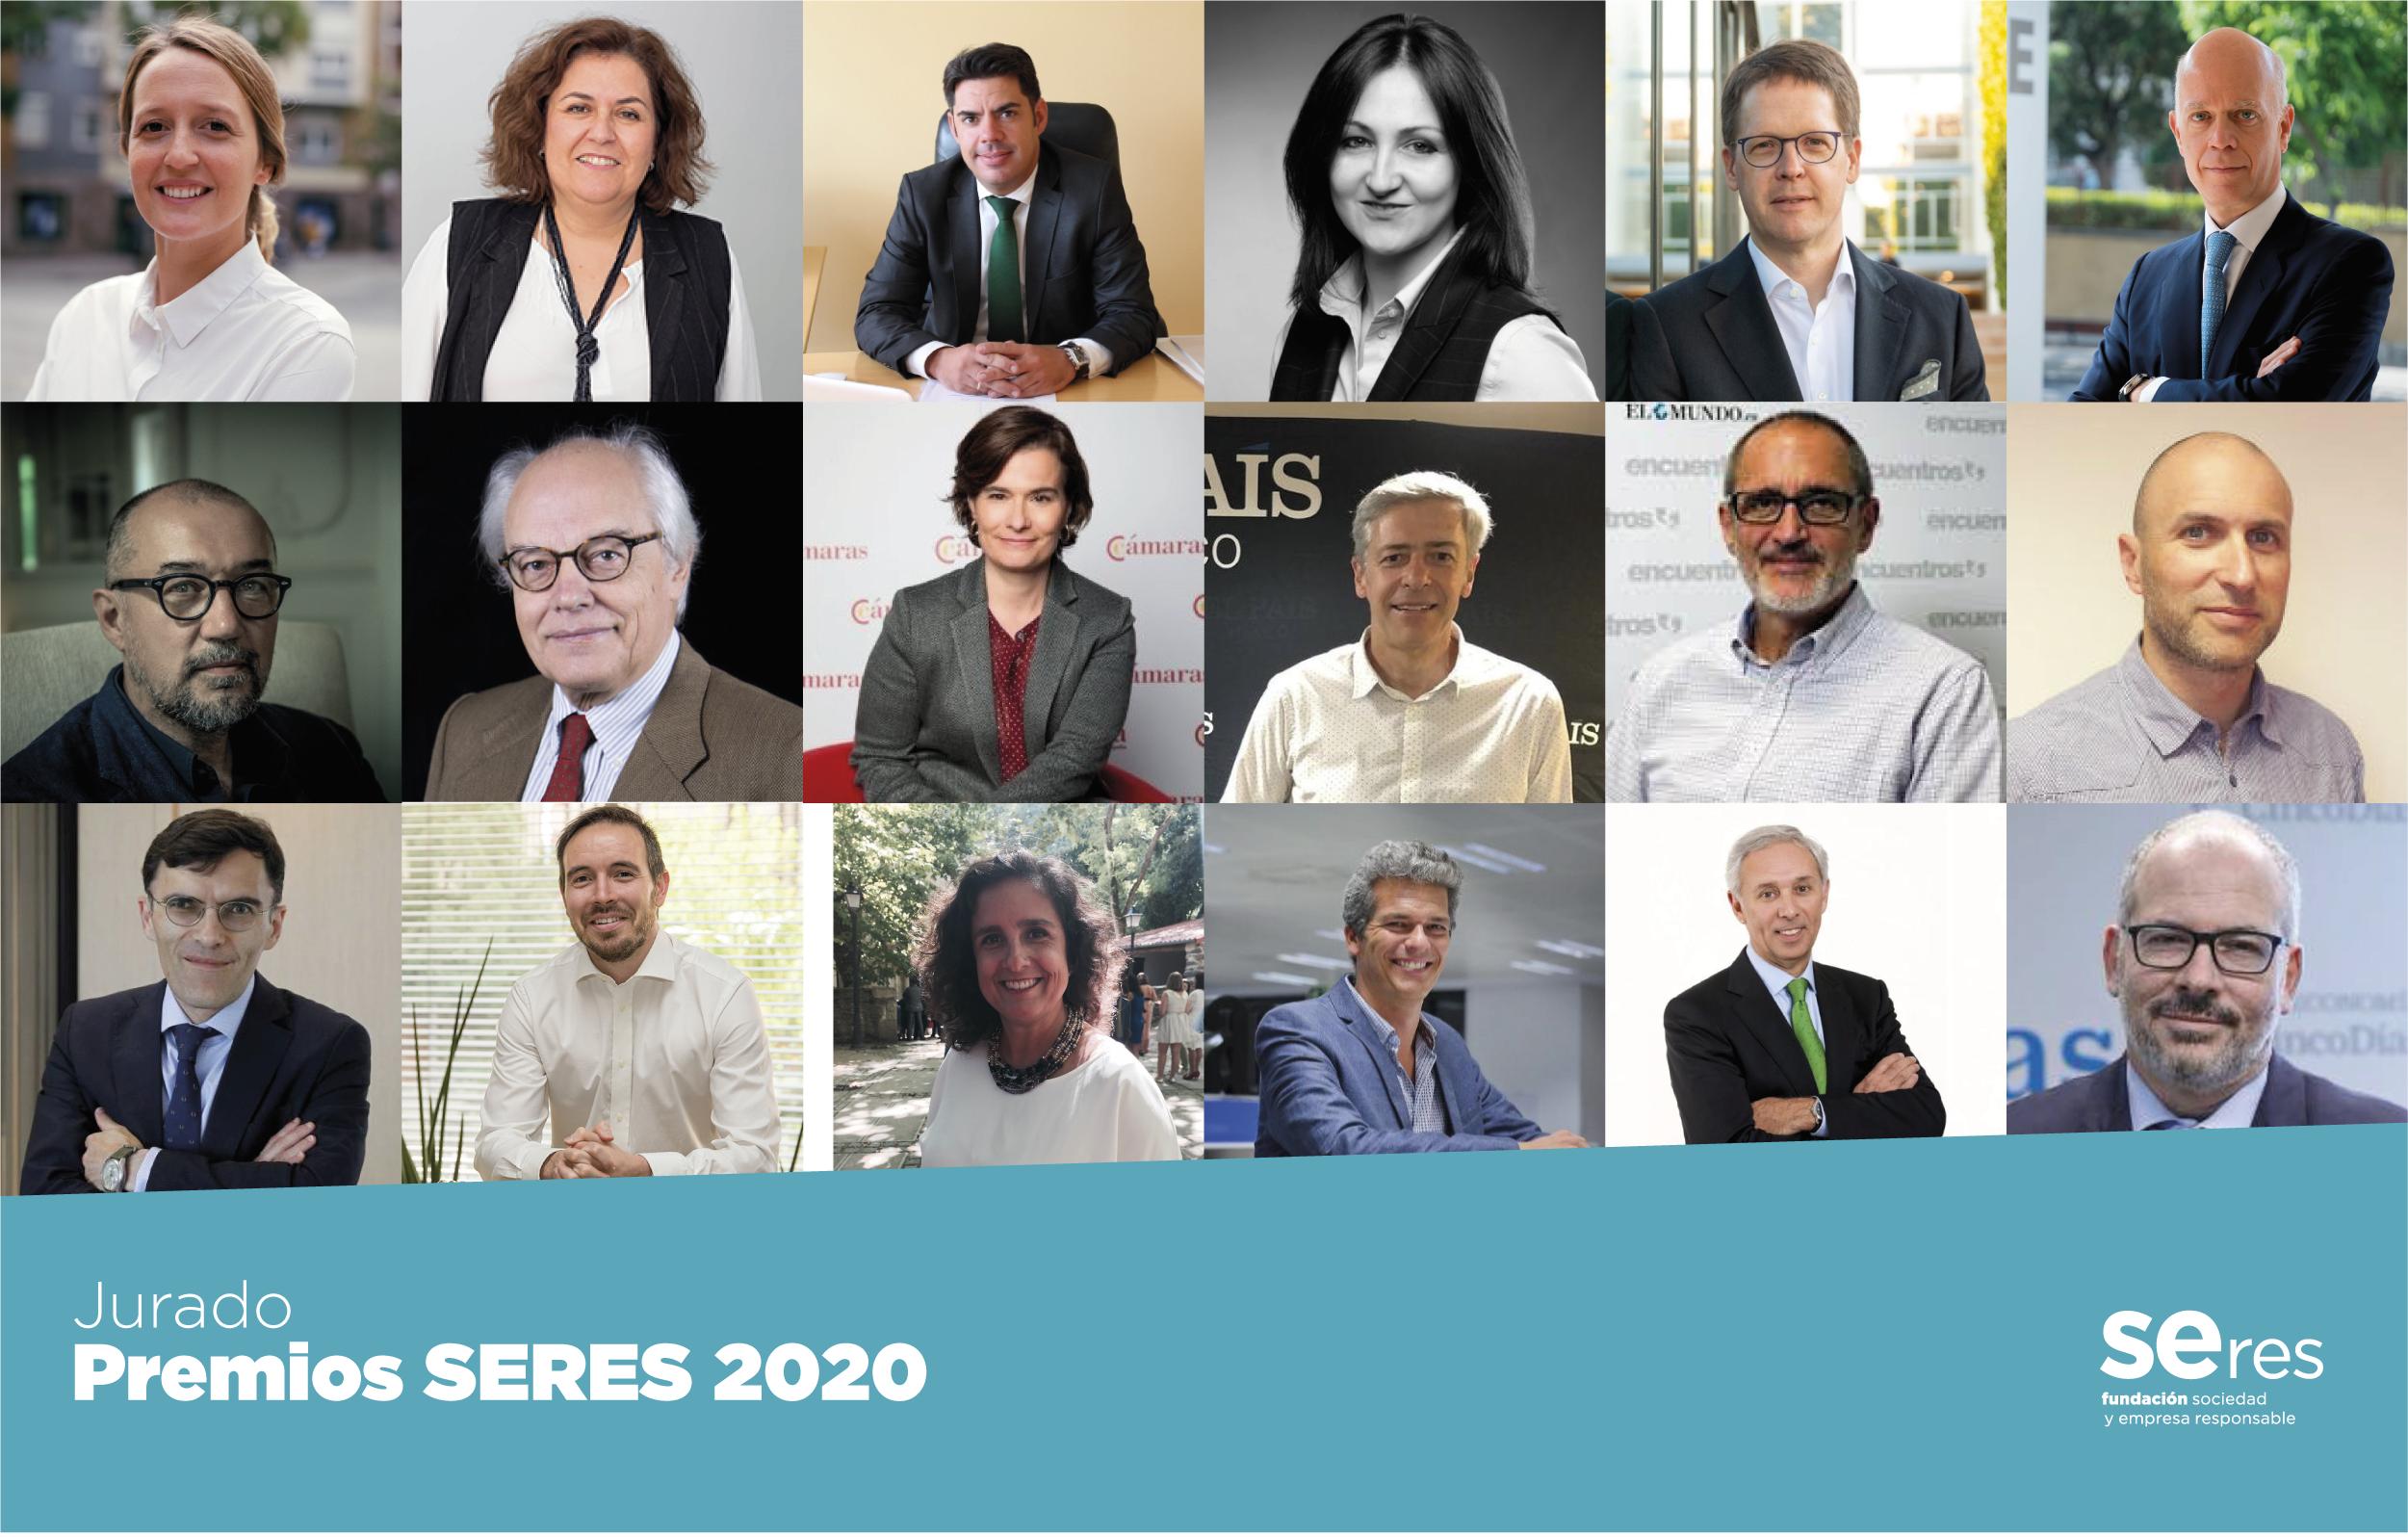 El jurado de los Premios SERES reconocerá en su undécima edición los proyectos empresariales más comprometidos socialmente y más innovadores